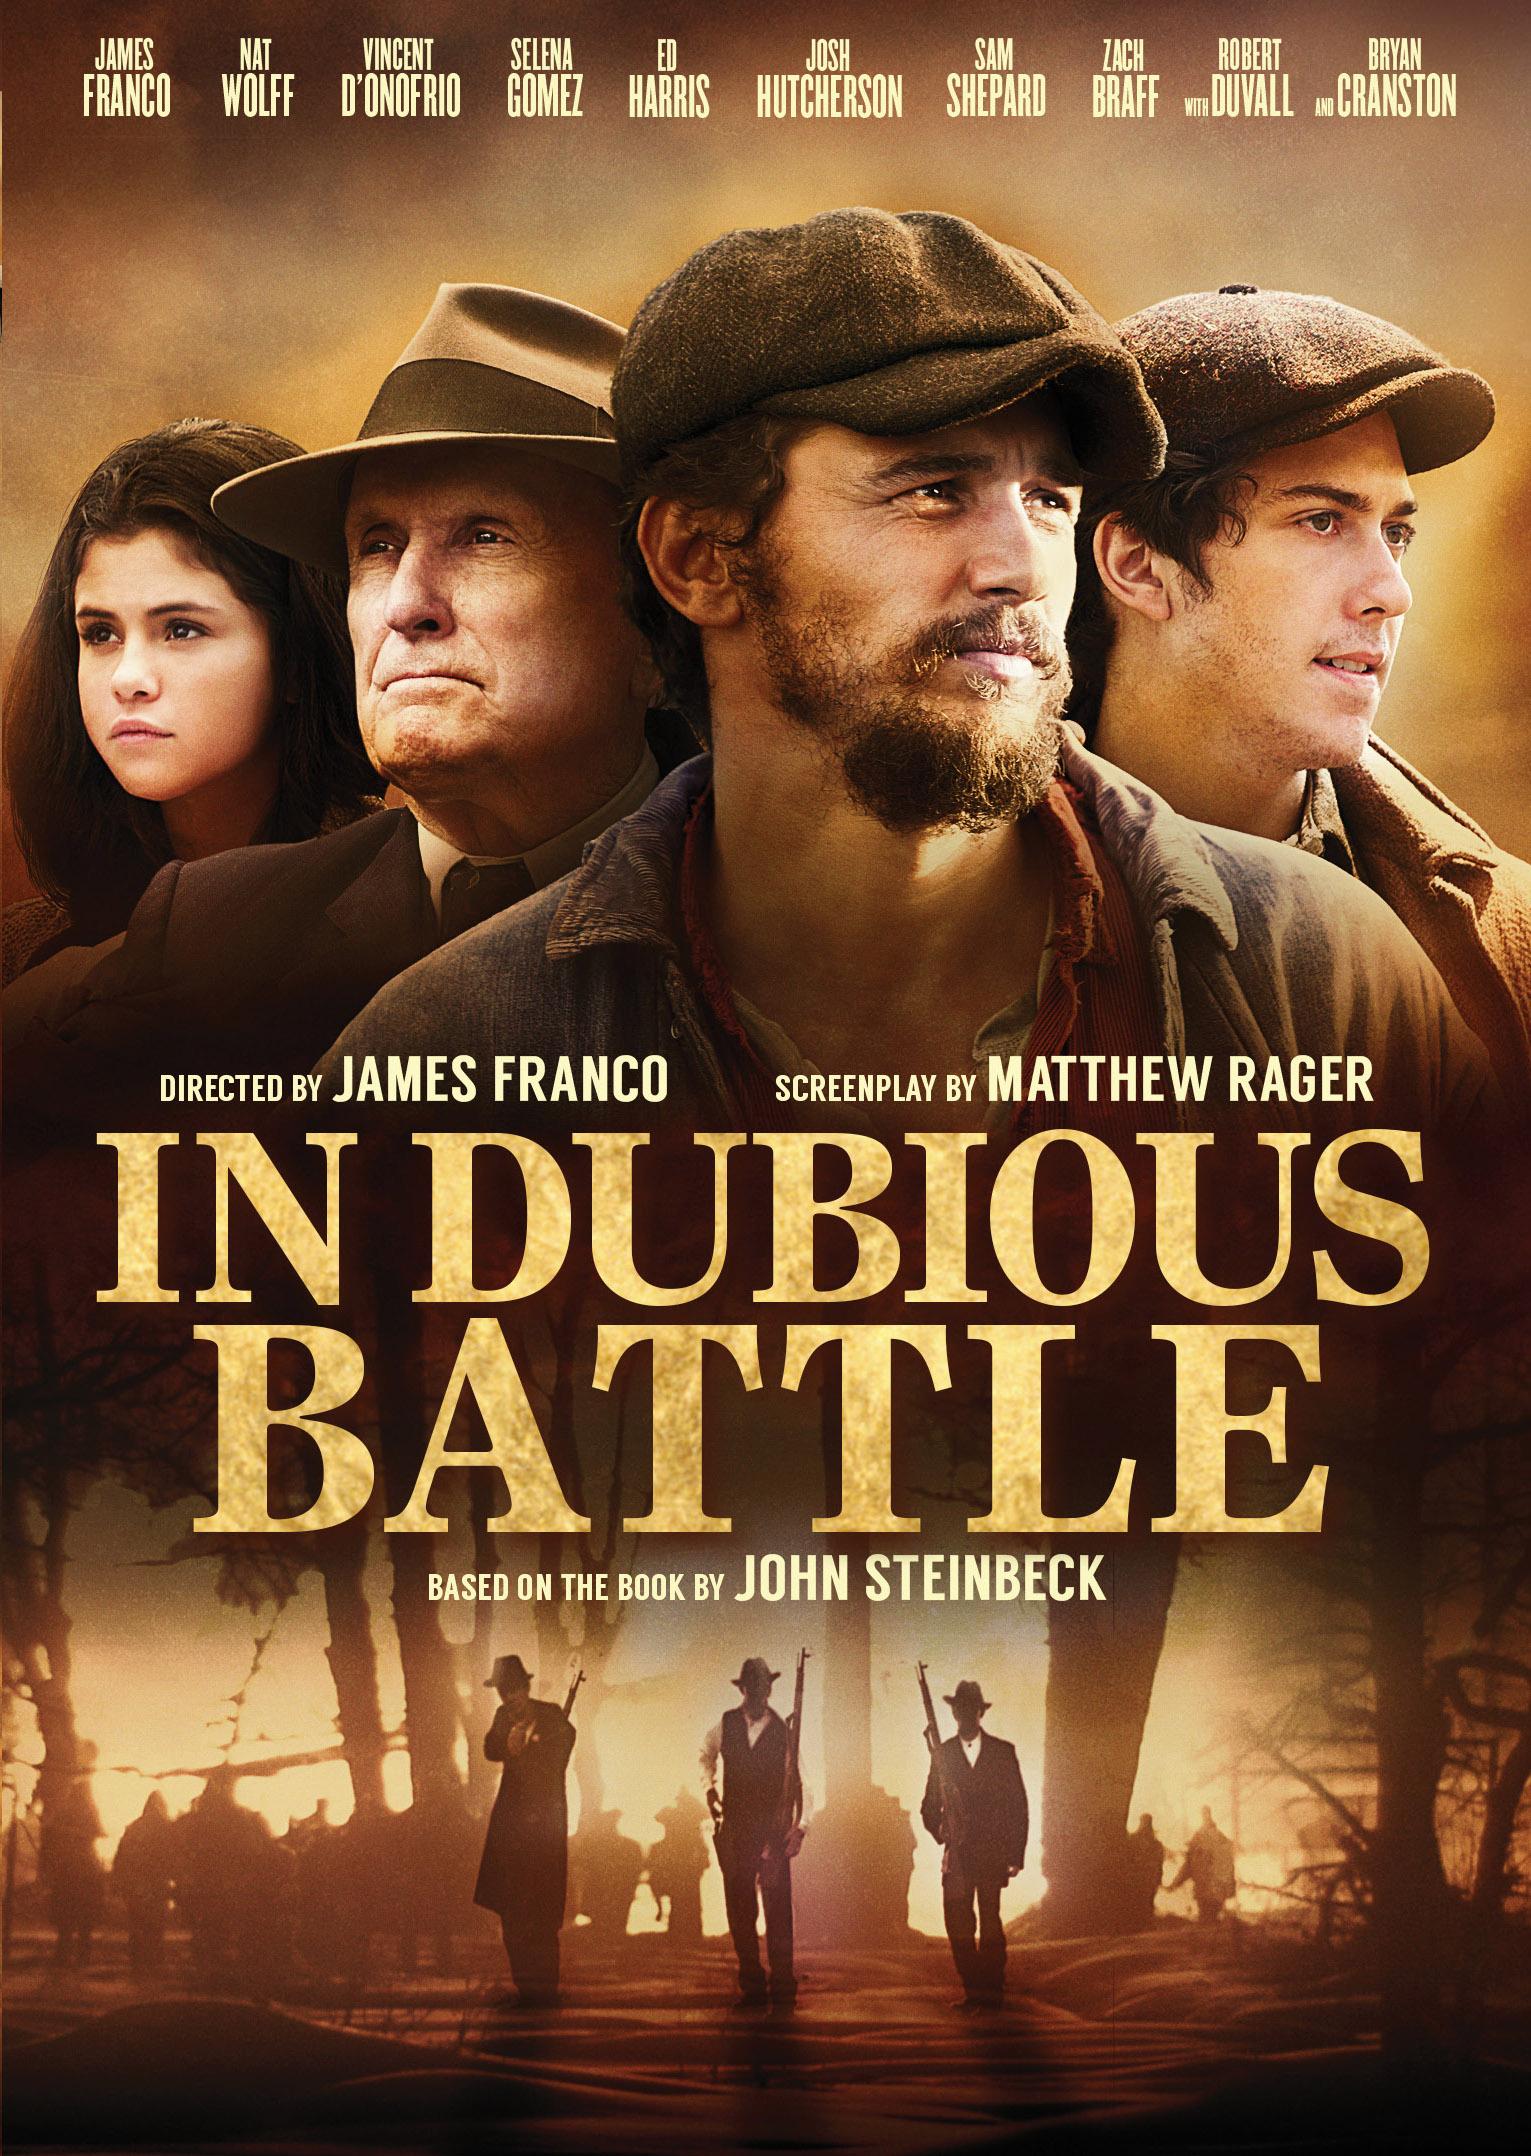 In Dubuios Battle